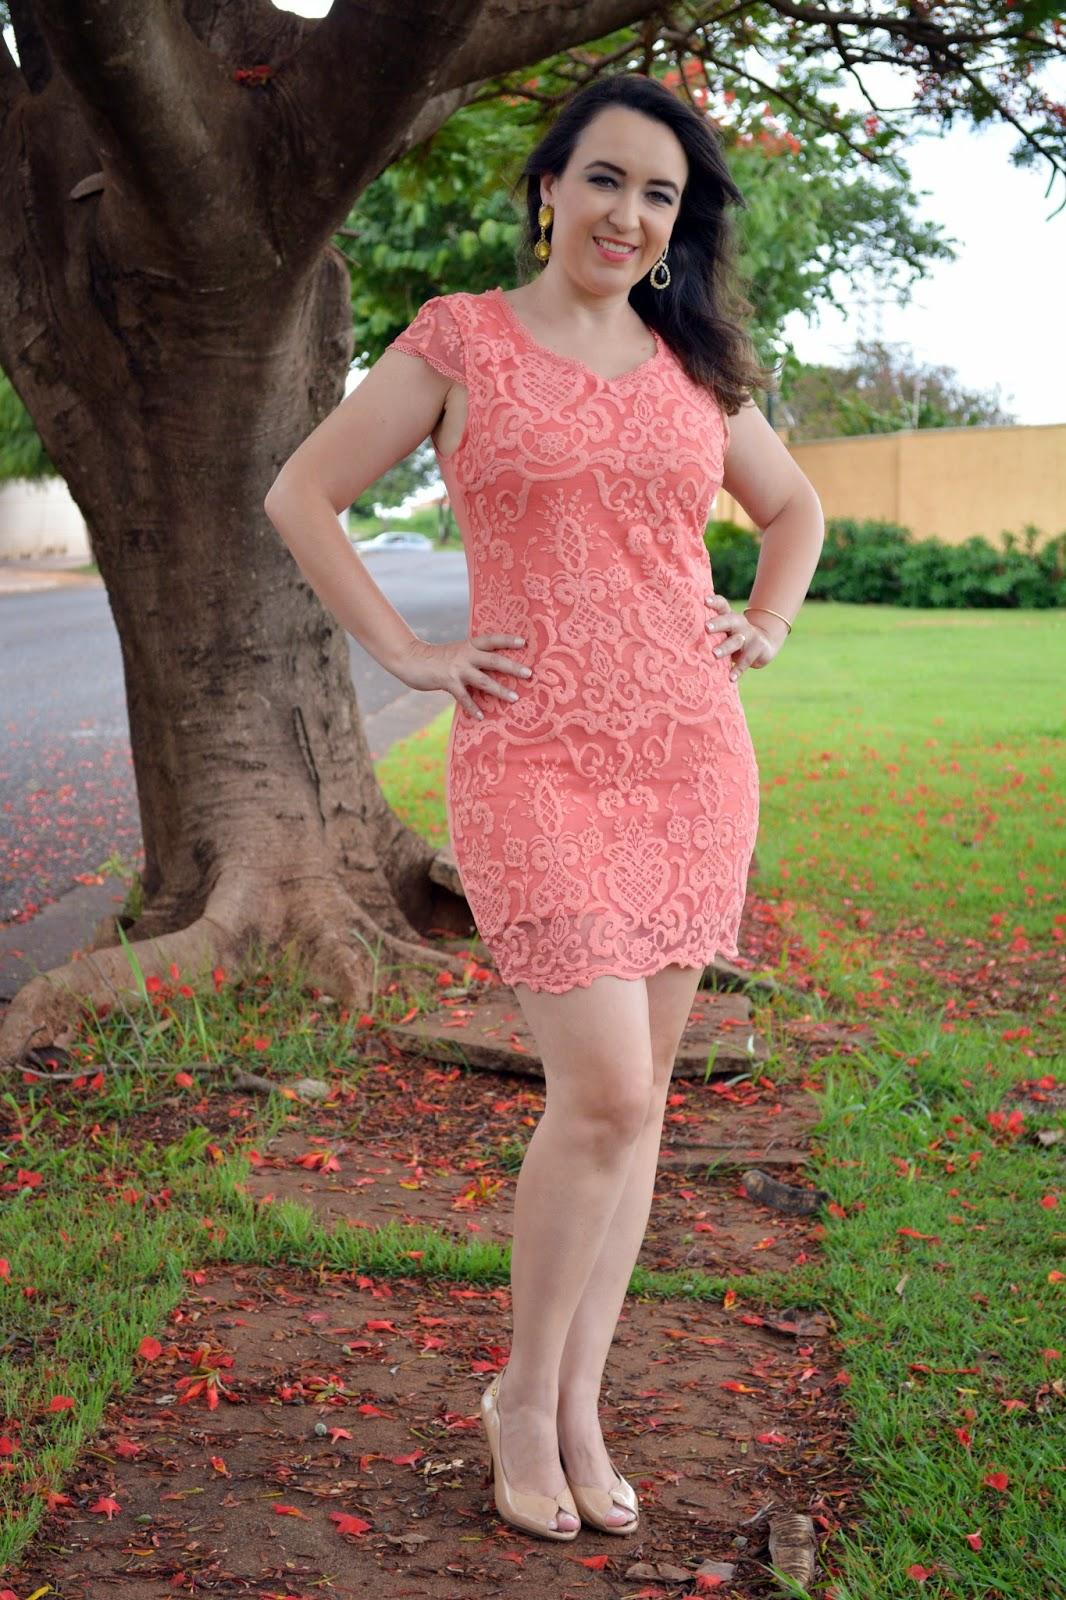 vestido coral de renda, vestido para o natal, vestido para ano novo, lalilu modas, blog camila andrade, blog de moda de ribeirão preto, fashion blogger, fashion blogger em ribeirão preto, look do dia, inspiração